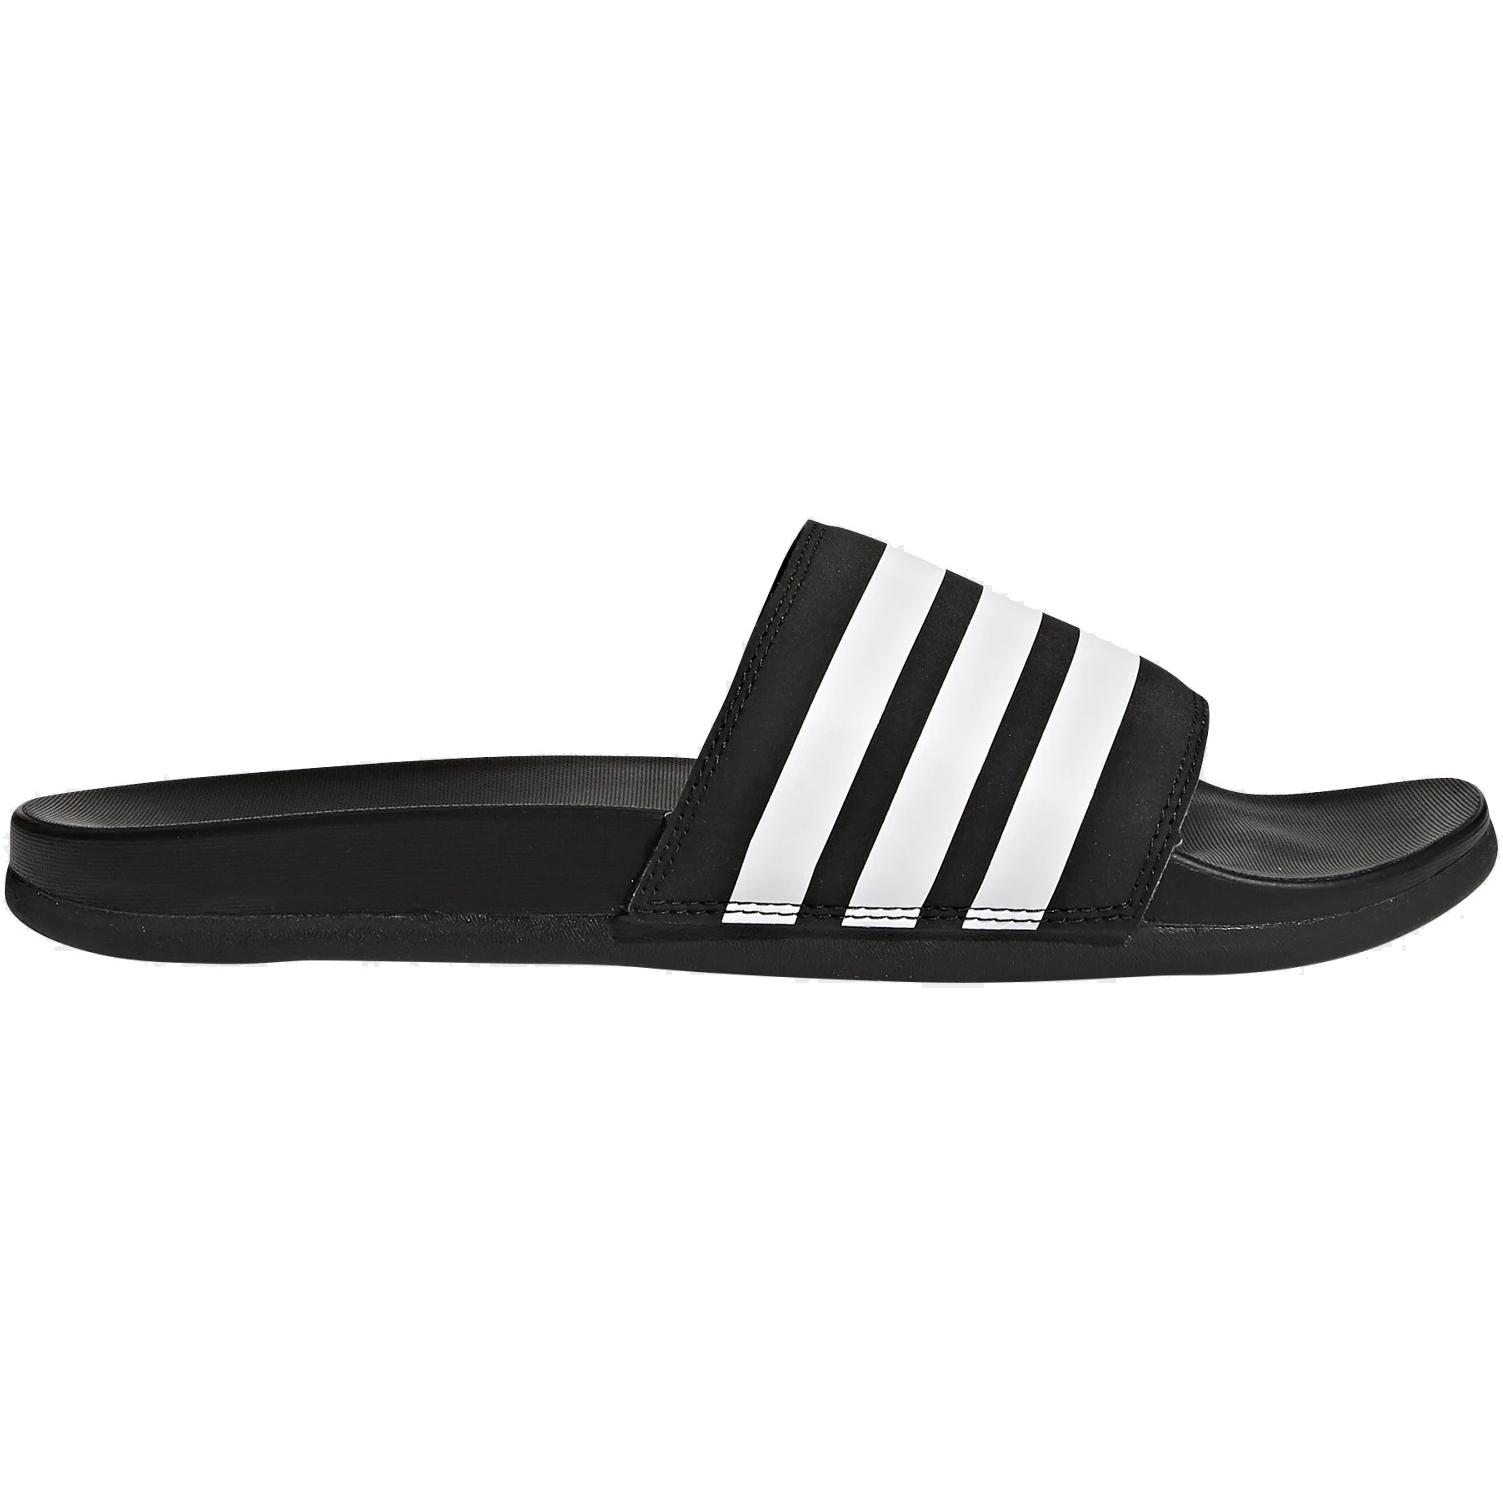 adidas Adilette Comfort Slides Bathing Shoes - core black/cloud white/core black AP9971